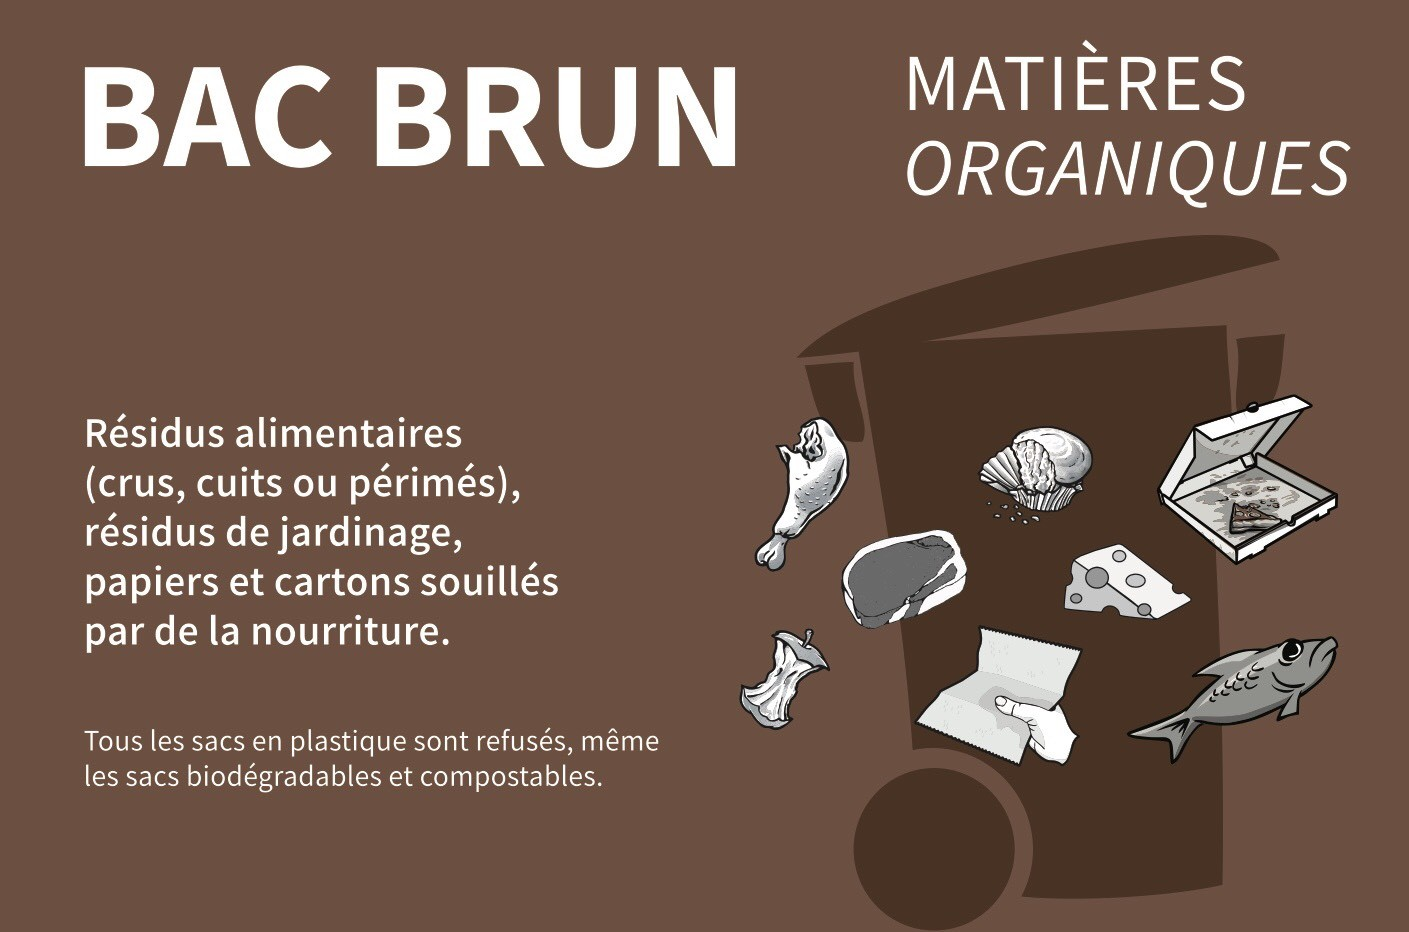 Bac brun